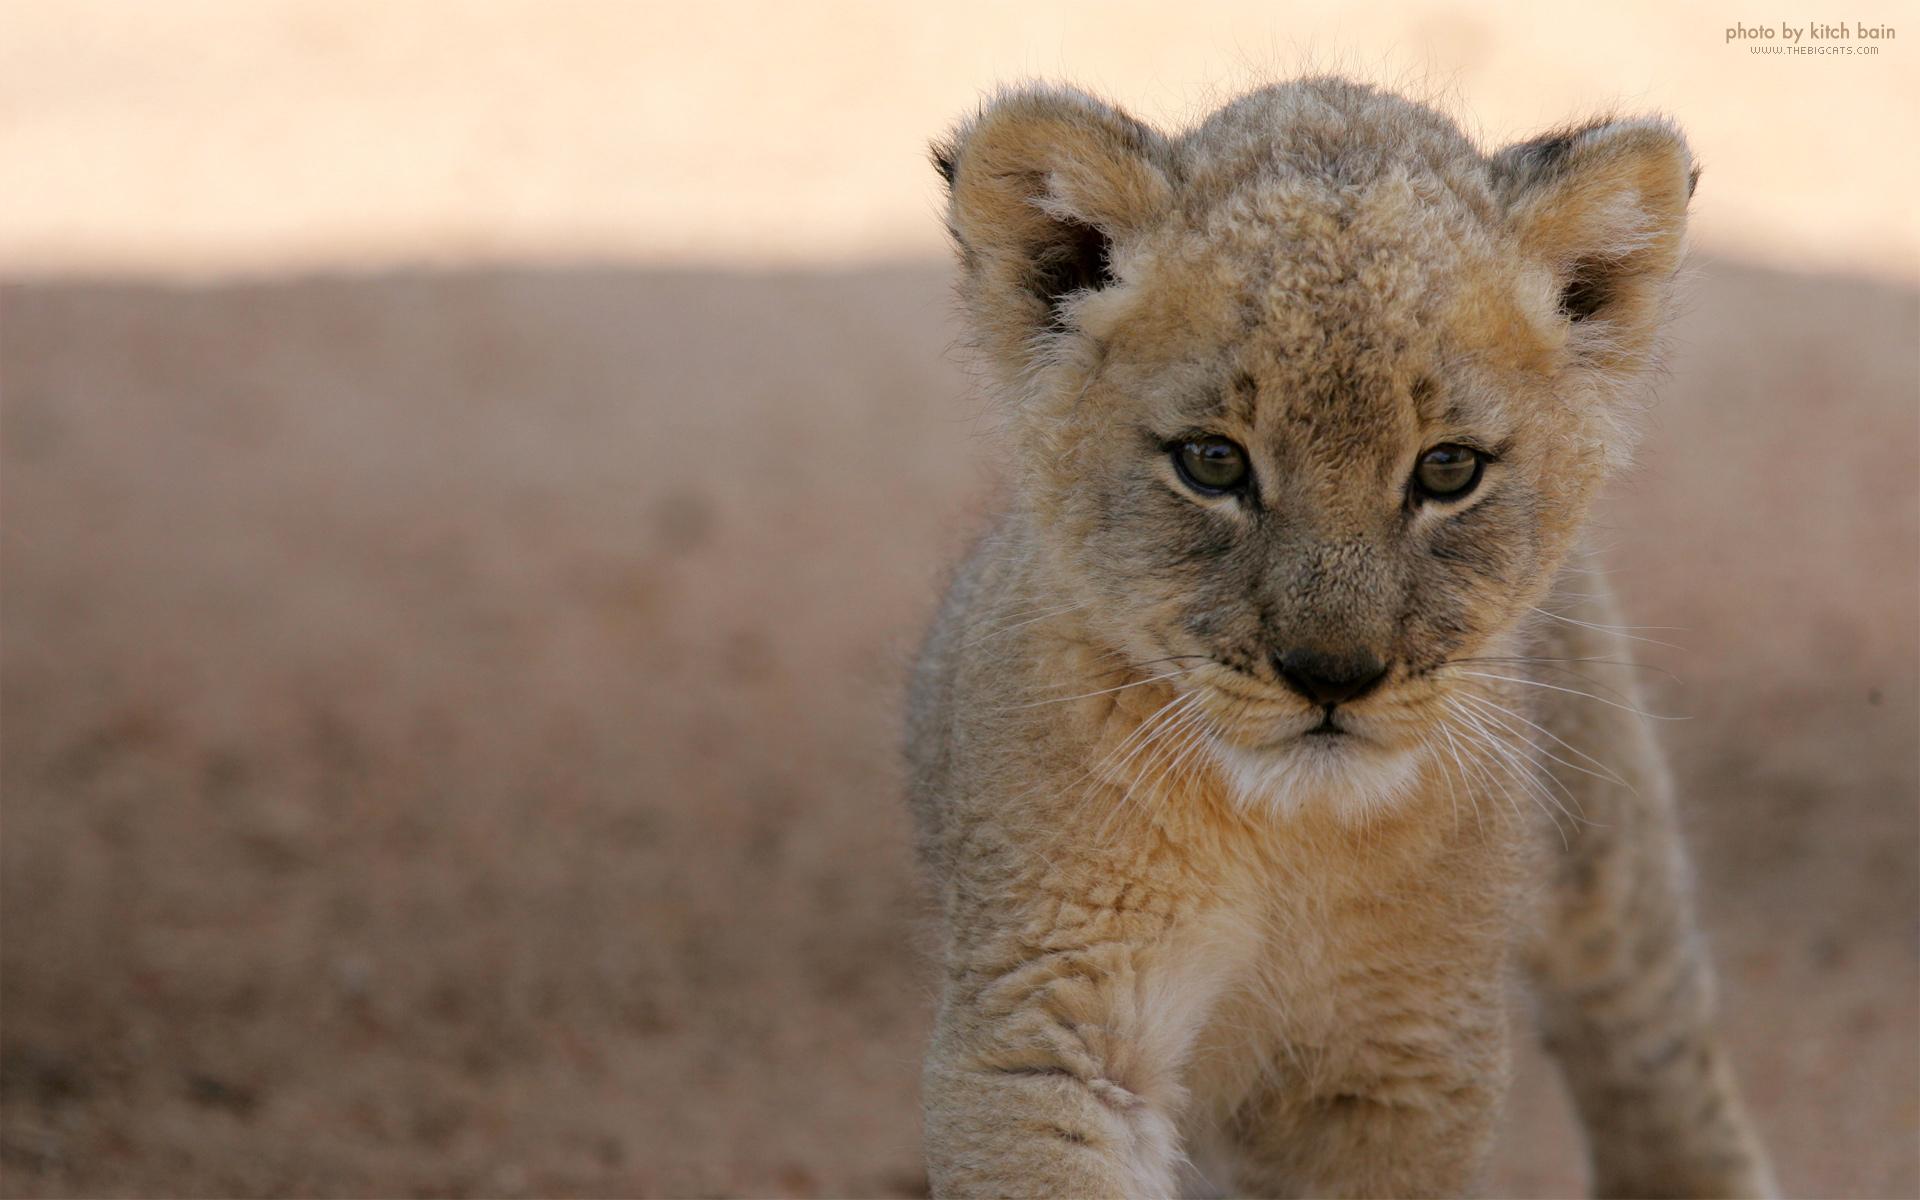 маленький милый львенок, скачать фото, обои для рабочего стола